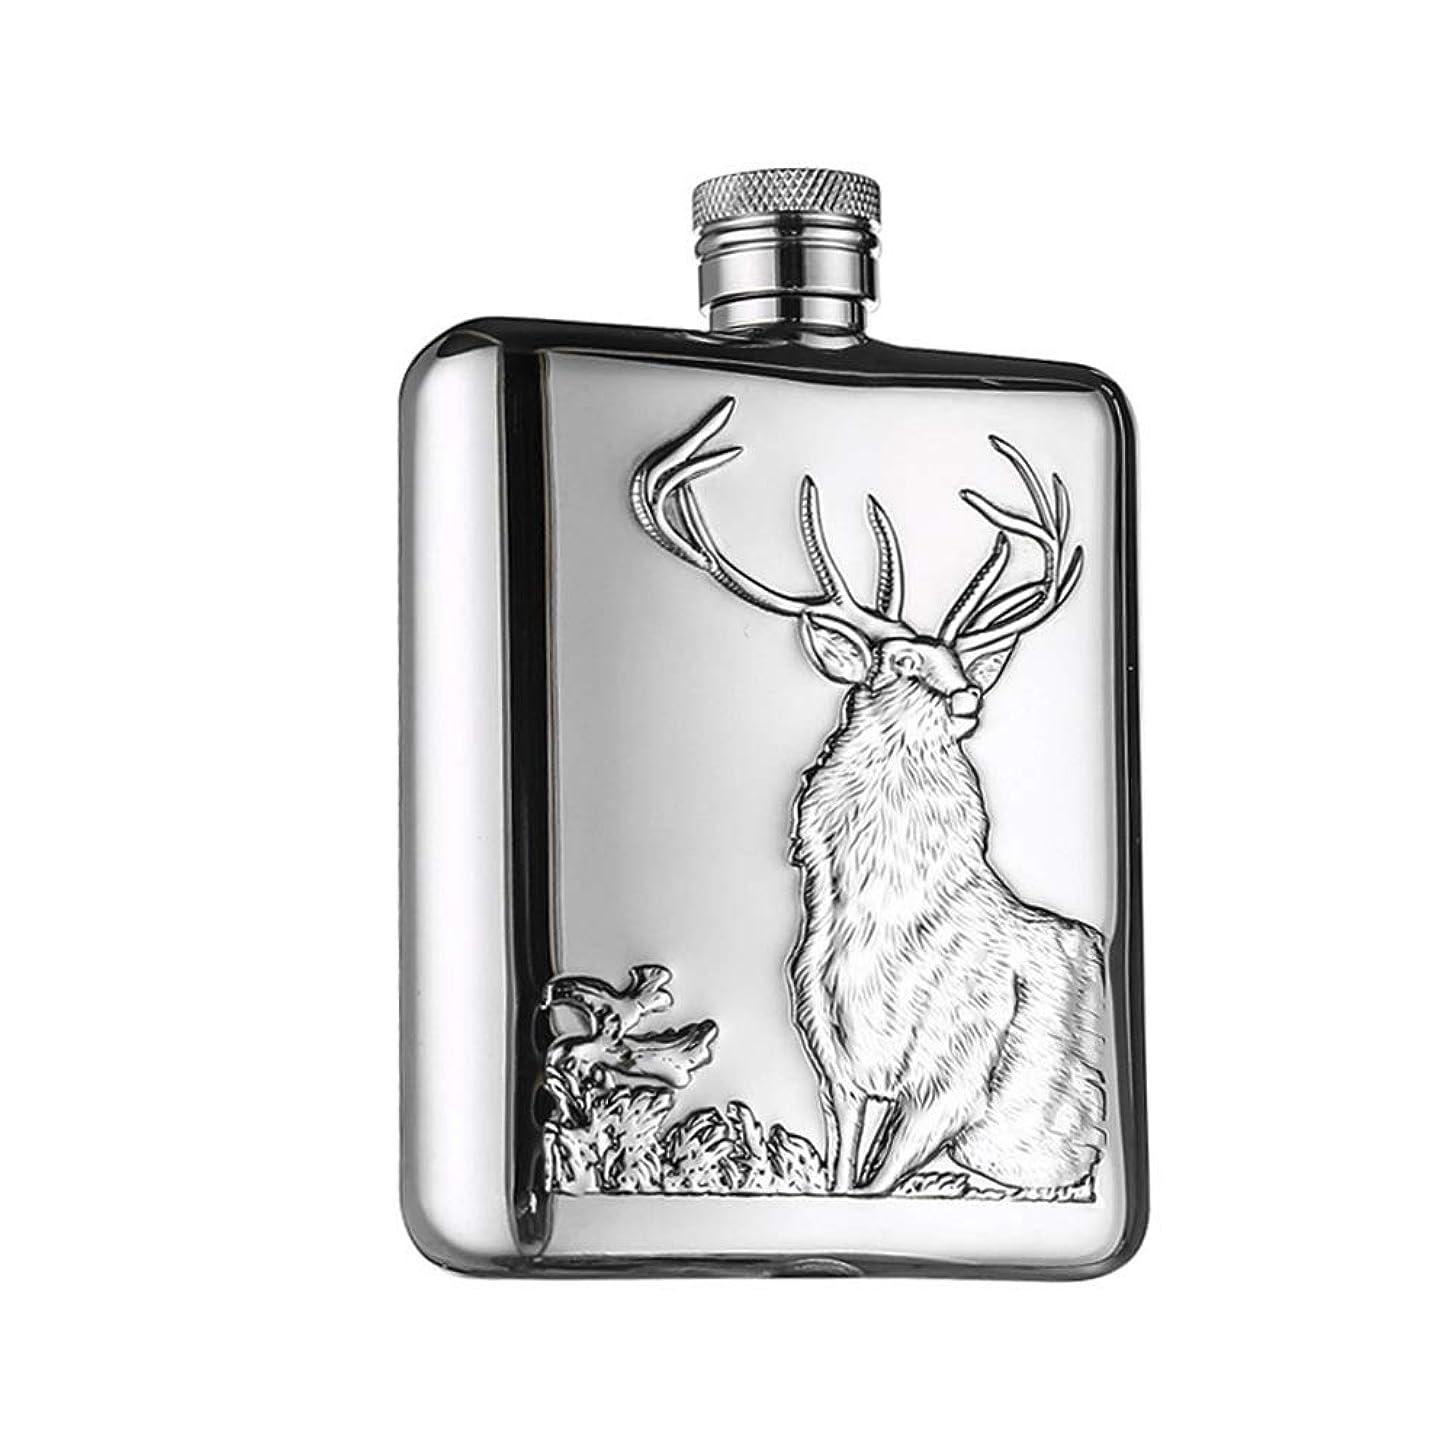 威する曖昧なとしてフラスコ スキットル 6オンスステンレス鋼のヒップフラスコ最高のウイスキーの酒は、漏れ防止設計スリムでエレガントなポケットシルバー花婿の付添人のギフトに落ちるのは簡単です 飲料コンテナ (色 : Deer, Size : Free size)